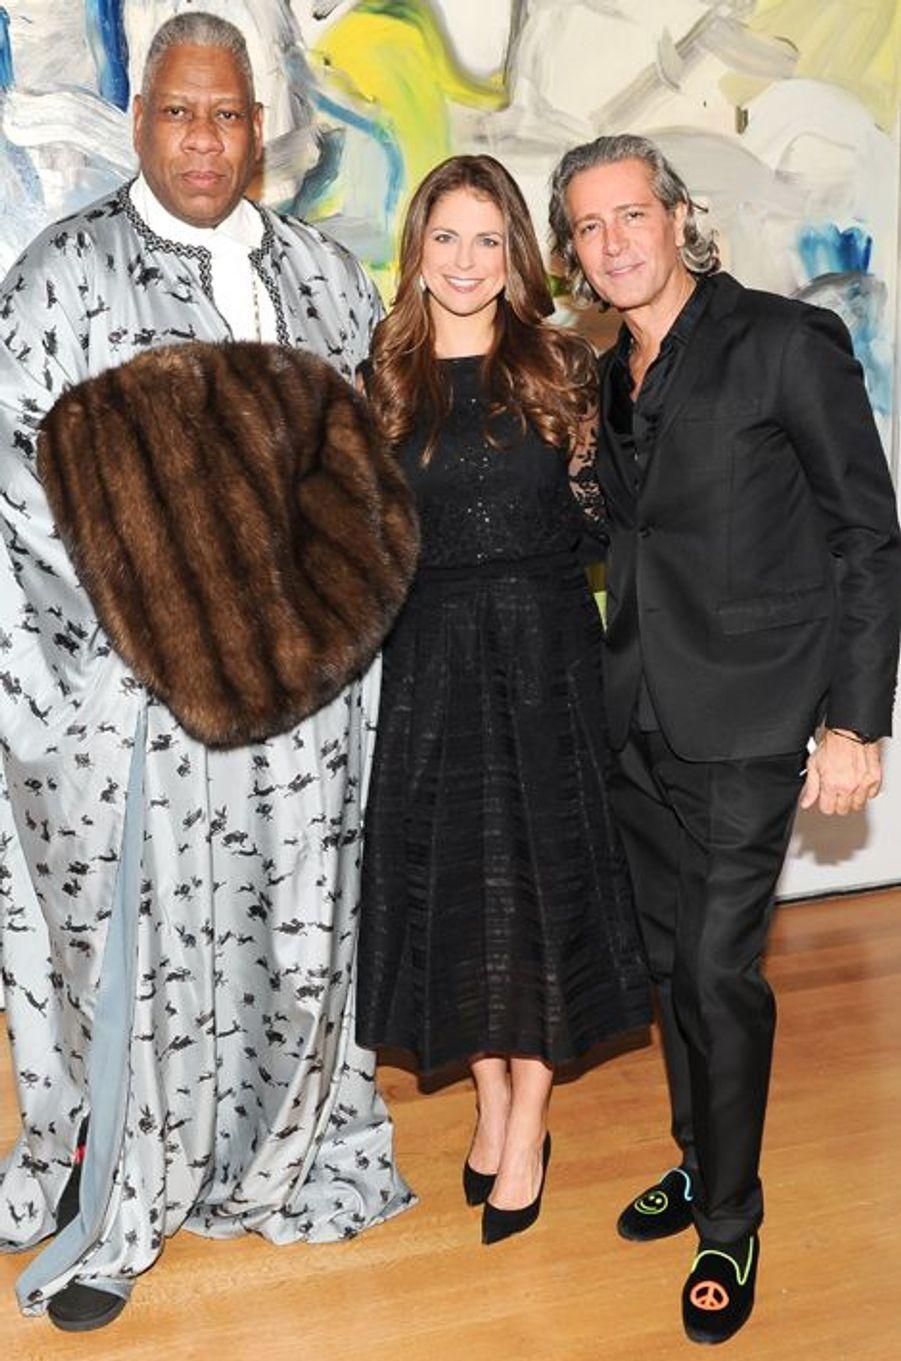 La princesse Madeleine de Suède avec Andre Leon Talley et Carlos Souza à New York, le 9 novembre 2014